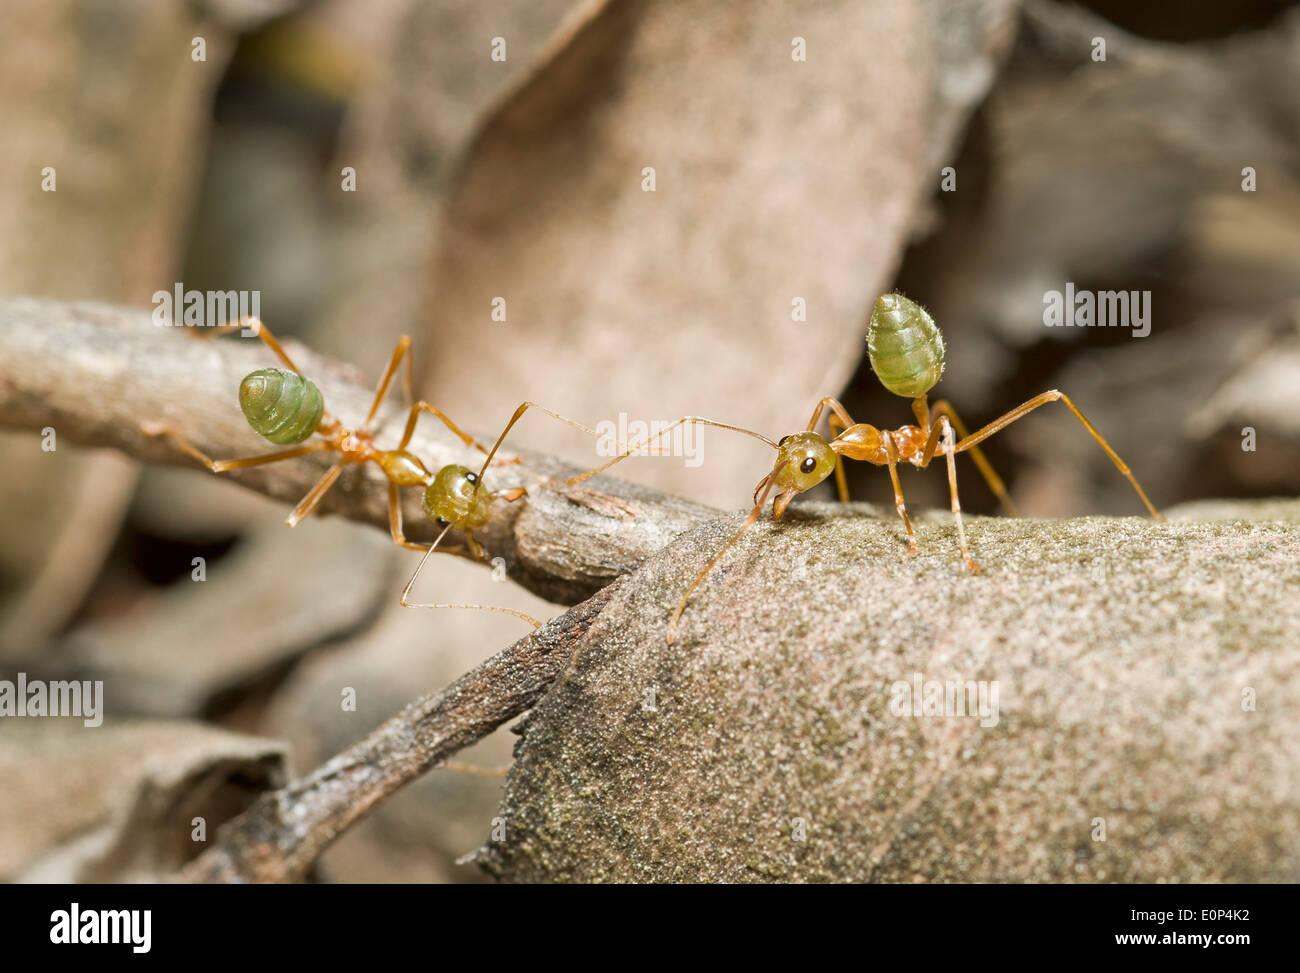 Australischen grünen Baum Ameisen ihr Nest zu verteidigen Stockbild